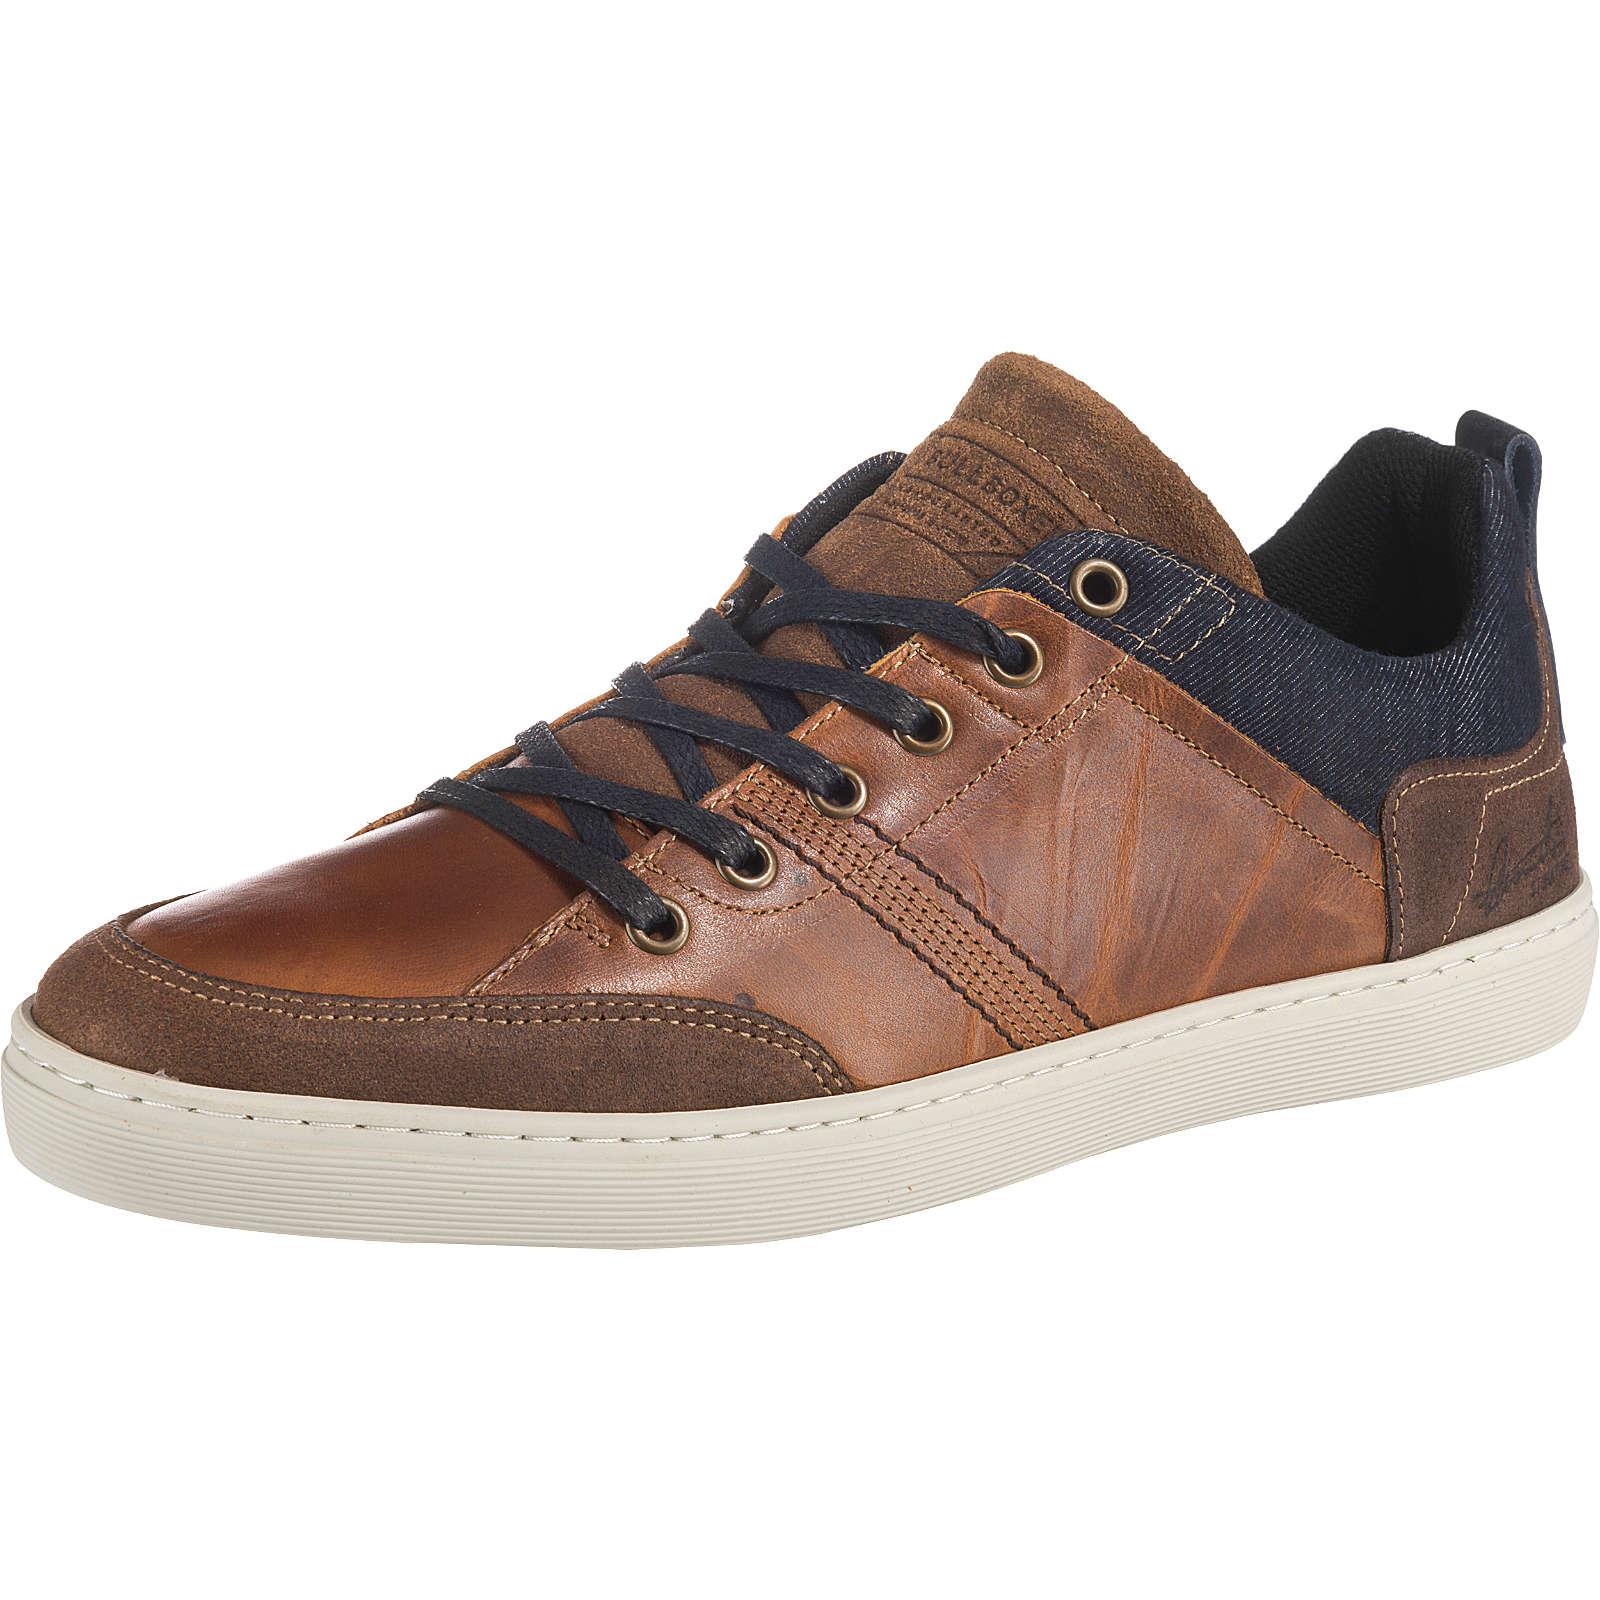 BULLBOXER Sneakers Low cognac Herren Gr. 44